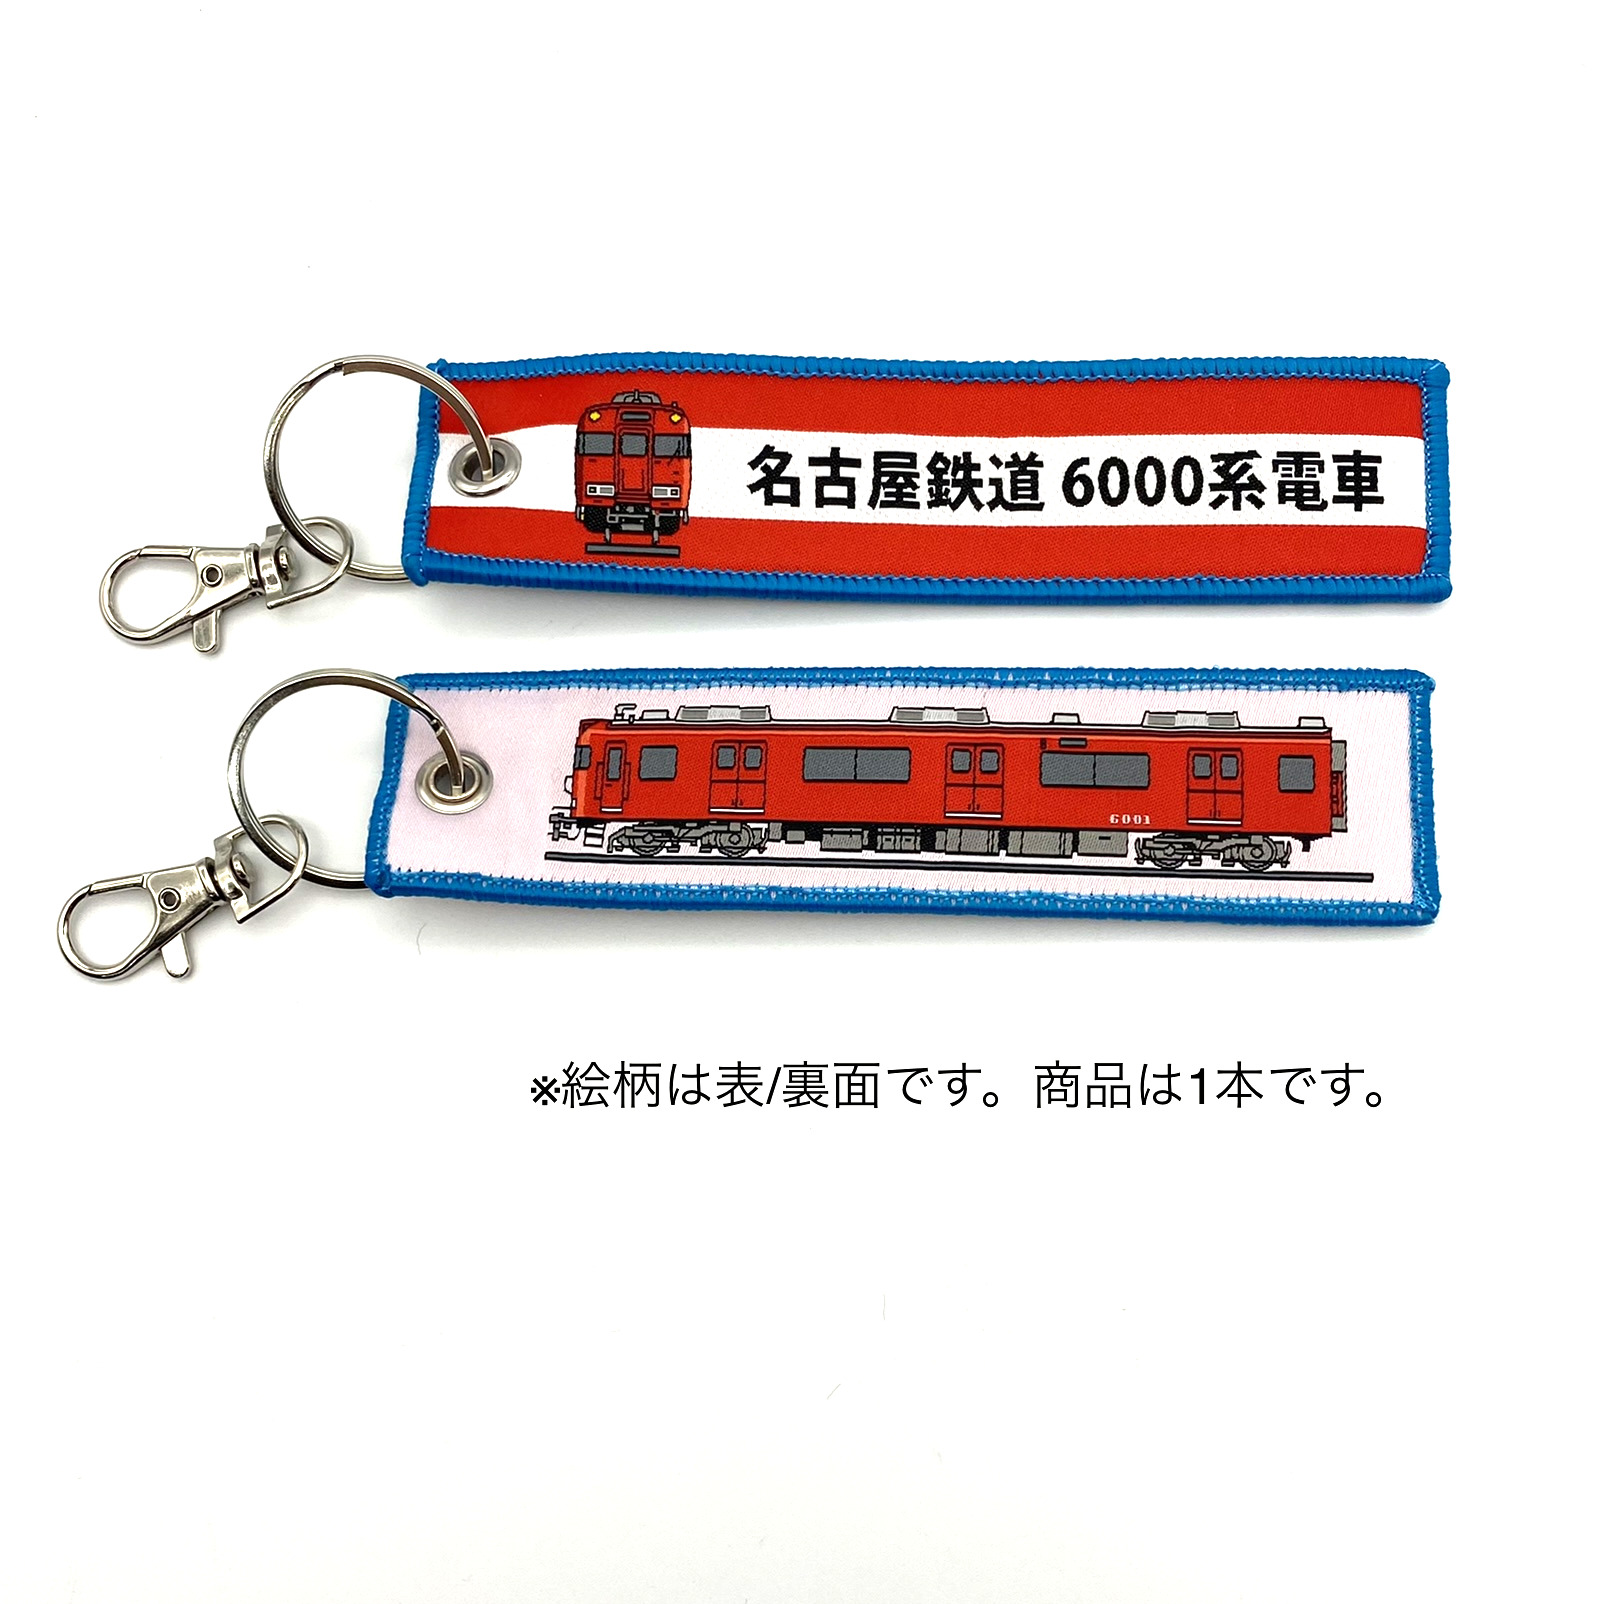 ししゅうダグ 名古屋鉄道 6000系電車